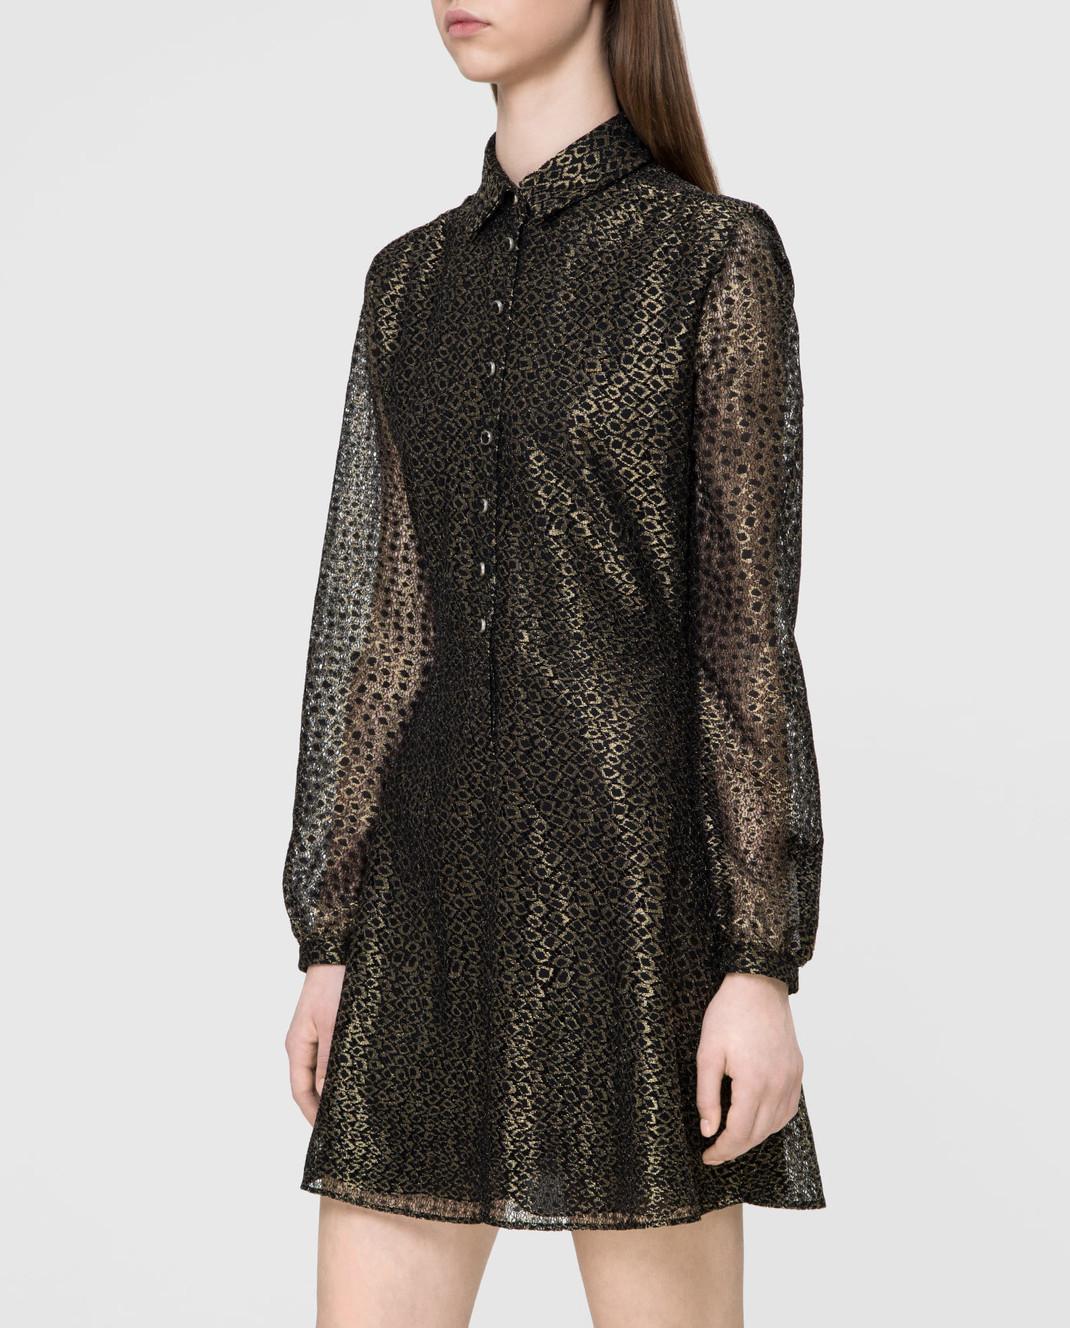 Saint Laurent Золотистое платье изображение 3